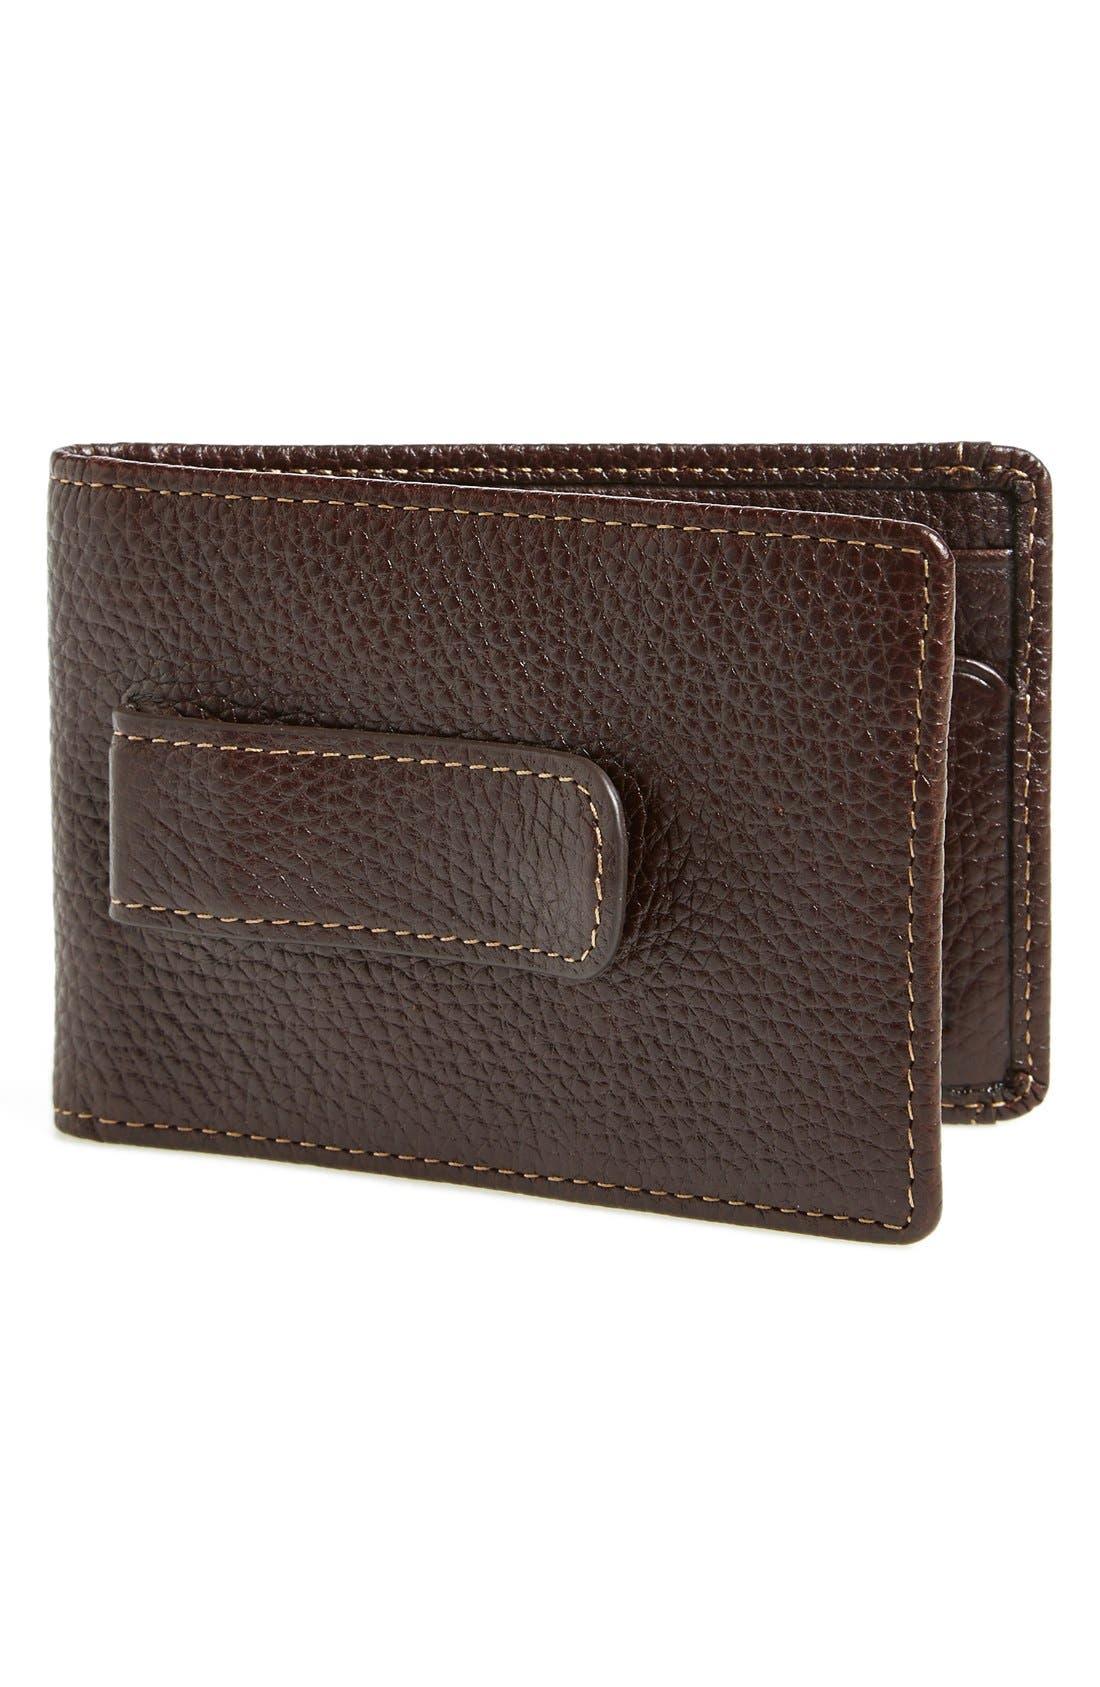 'Tyler' Money Clip Wallet,                         Main,                         color, Coffee